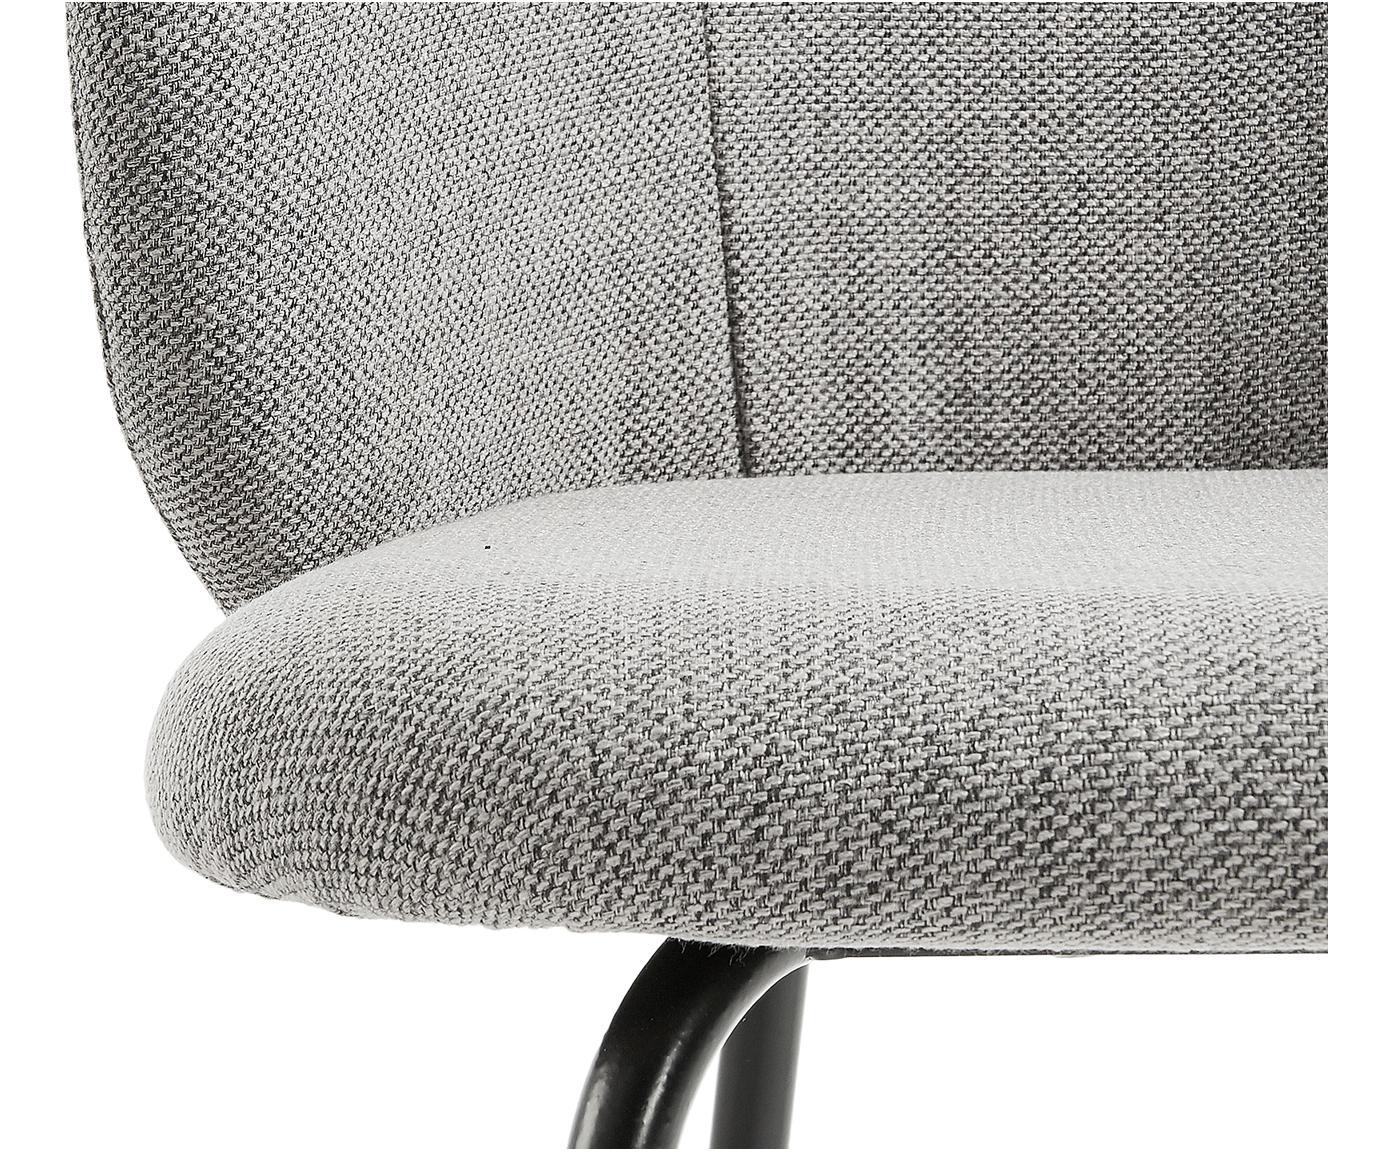 Krzesło tapicerowane Minna, 2 szt., Stelaż: metal lakierowany, Jasny szary, czarny, S 57 x G 56 cm